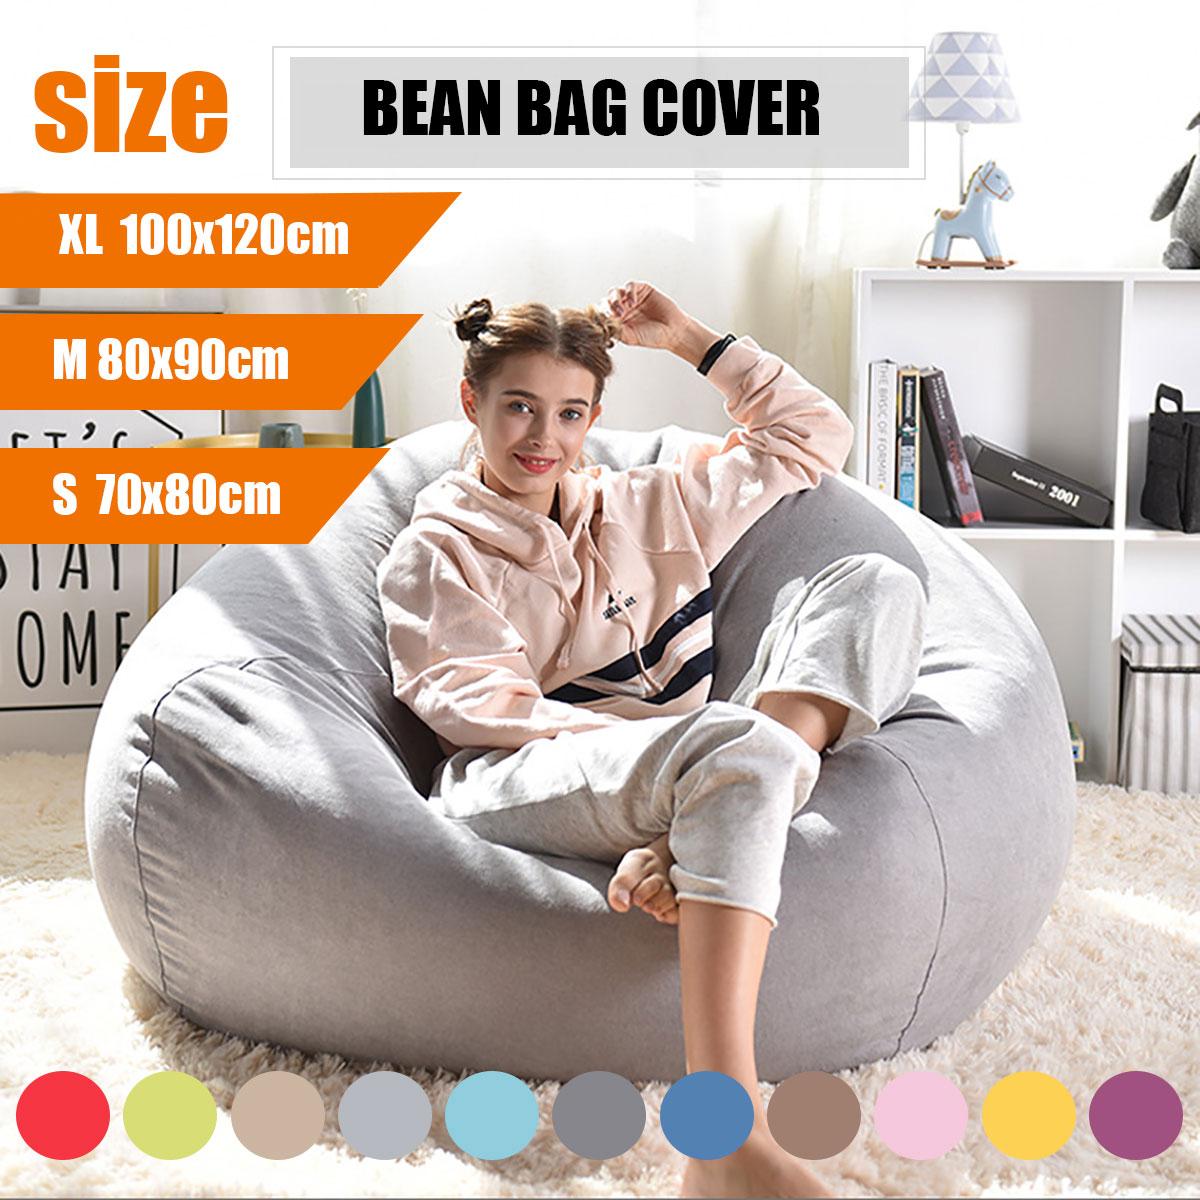 Leniwy BeanBag sofy pokrycie krzesła bez wypełniacza pościel tkaniny leżak siedzenia worek fasoli Puff asiento kanapa Tatami meble do salonu